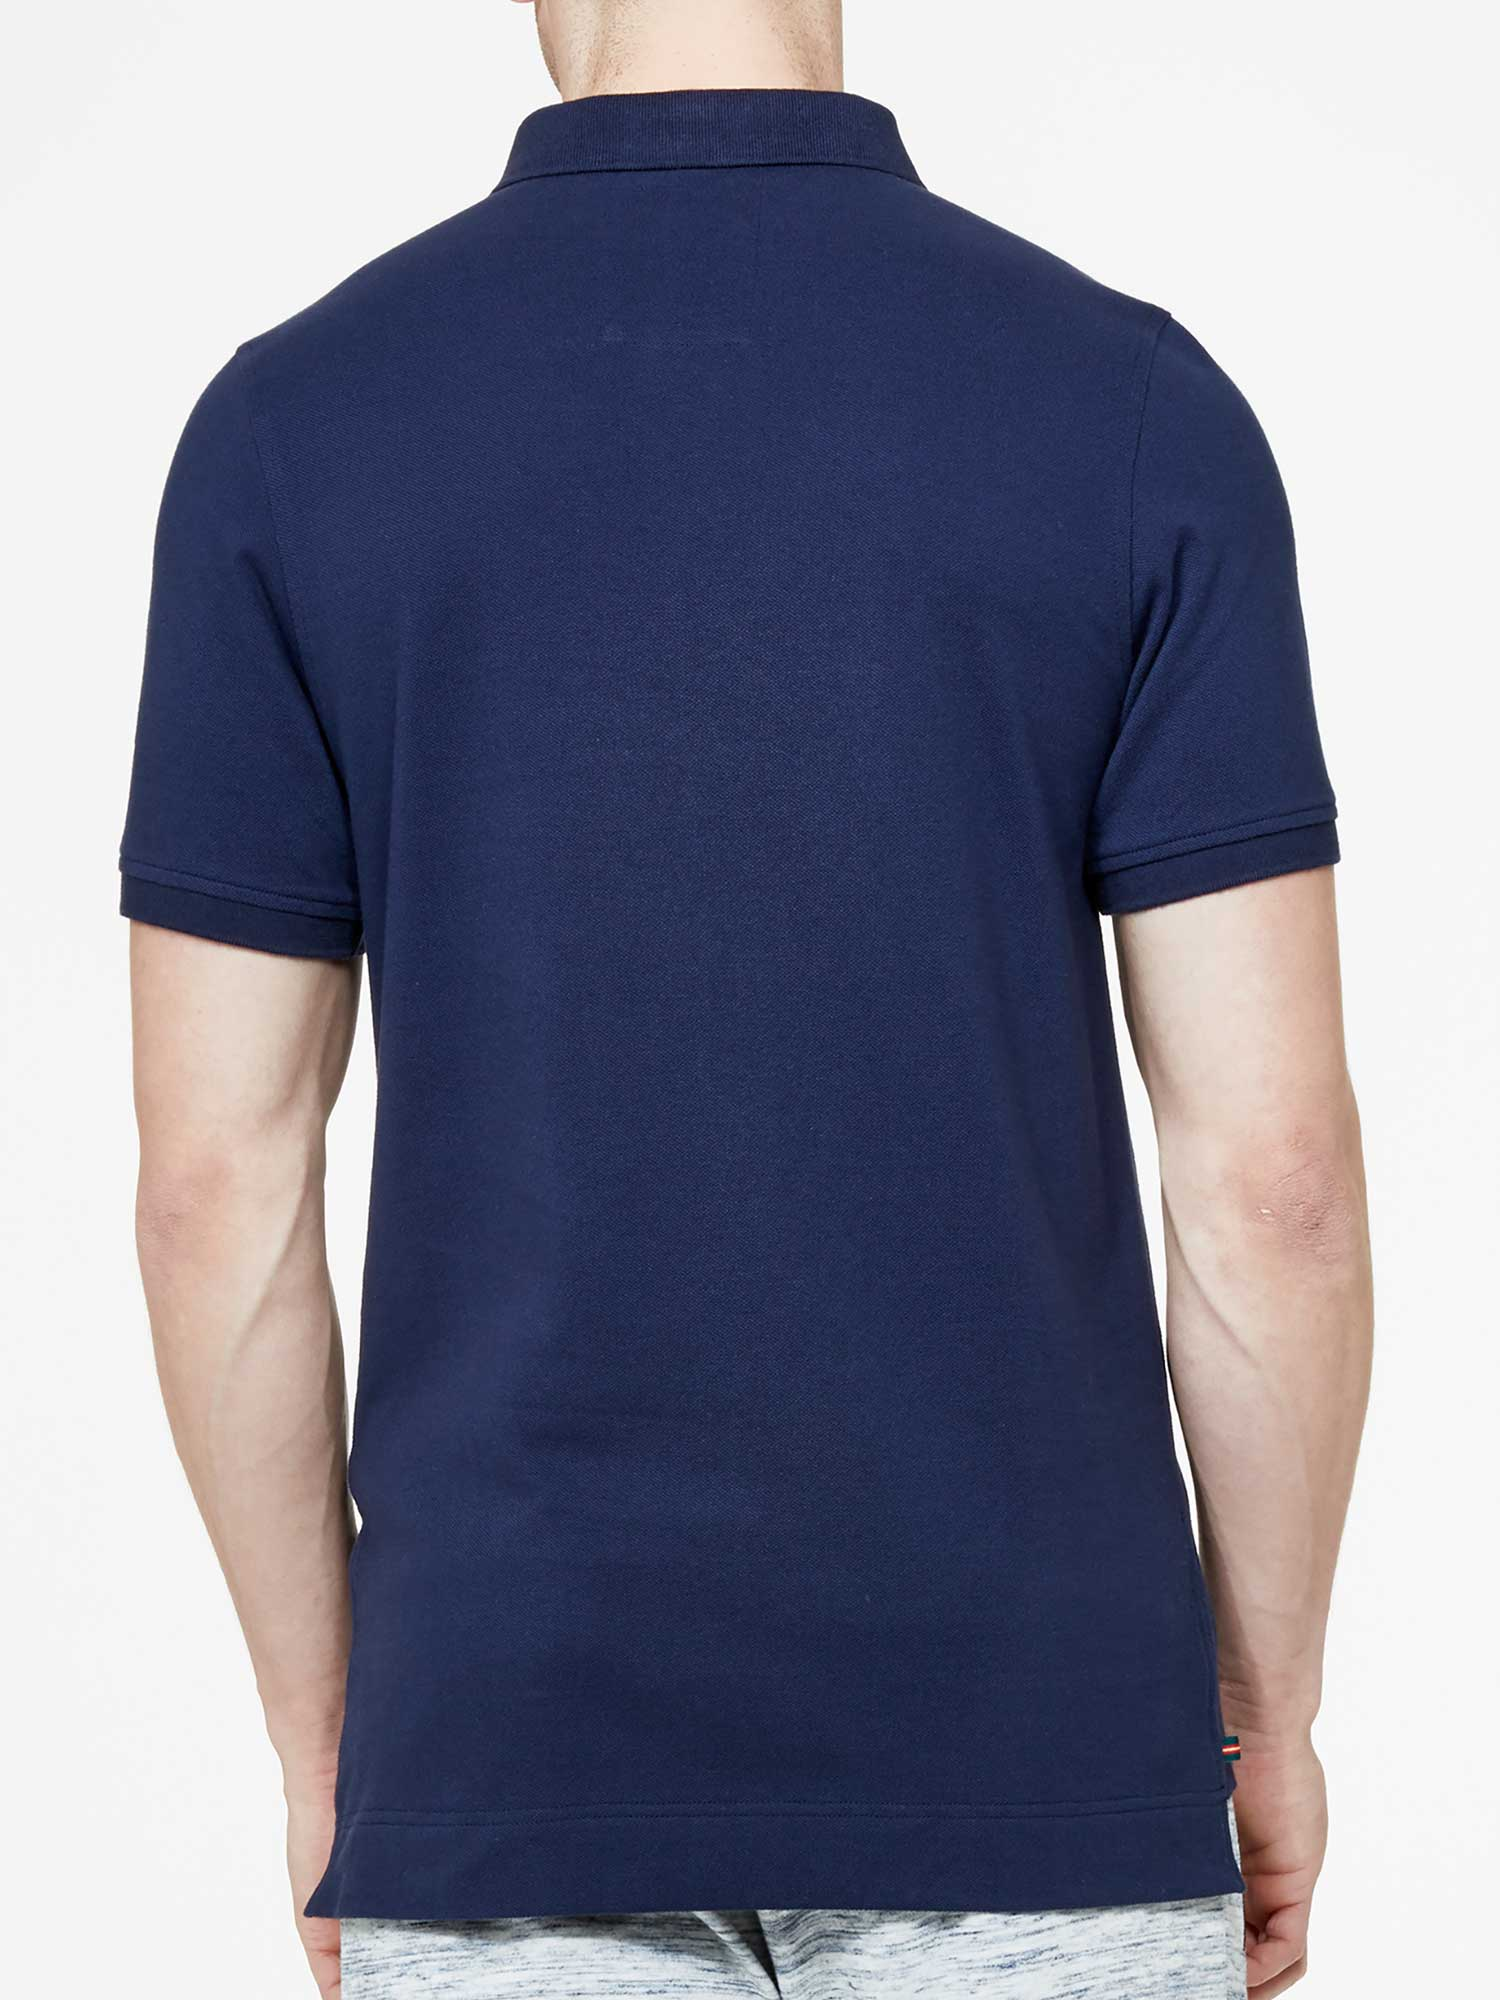 luke 1977 mens sport nbp lion short sleeve designer navy